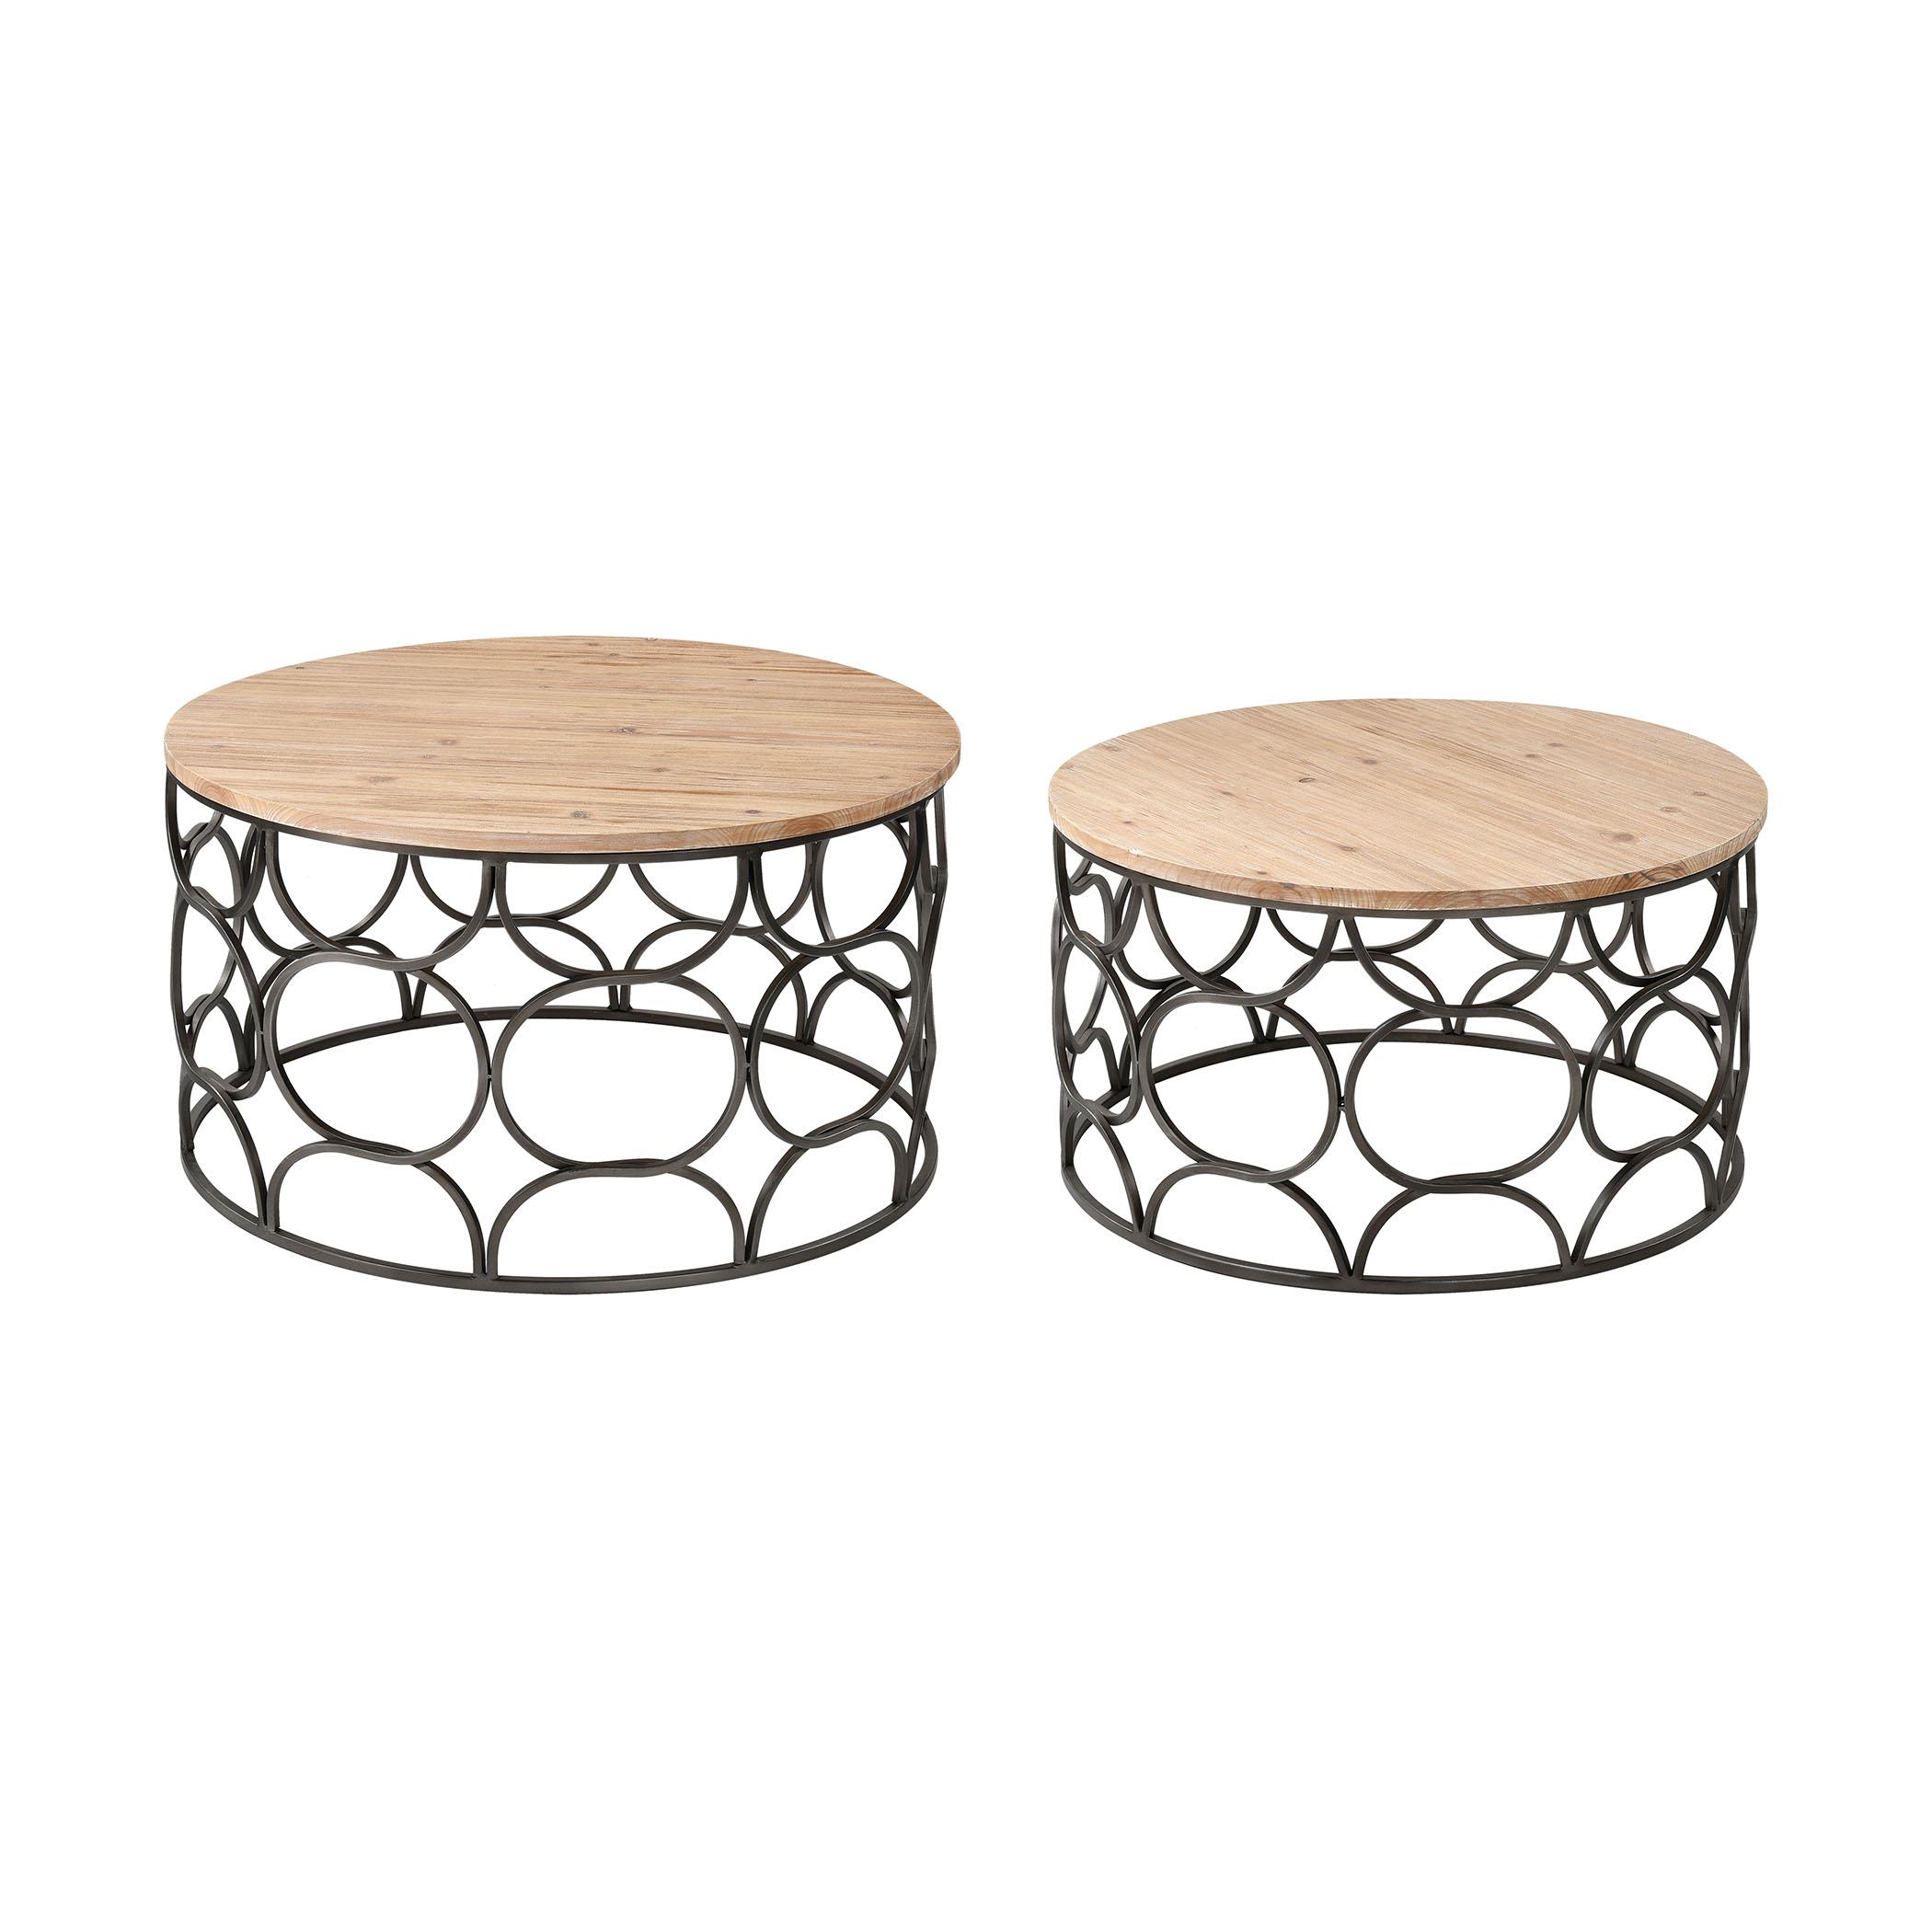 Billings Coffee Tables Set of 2 | Elk Home